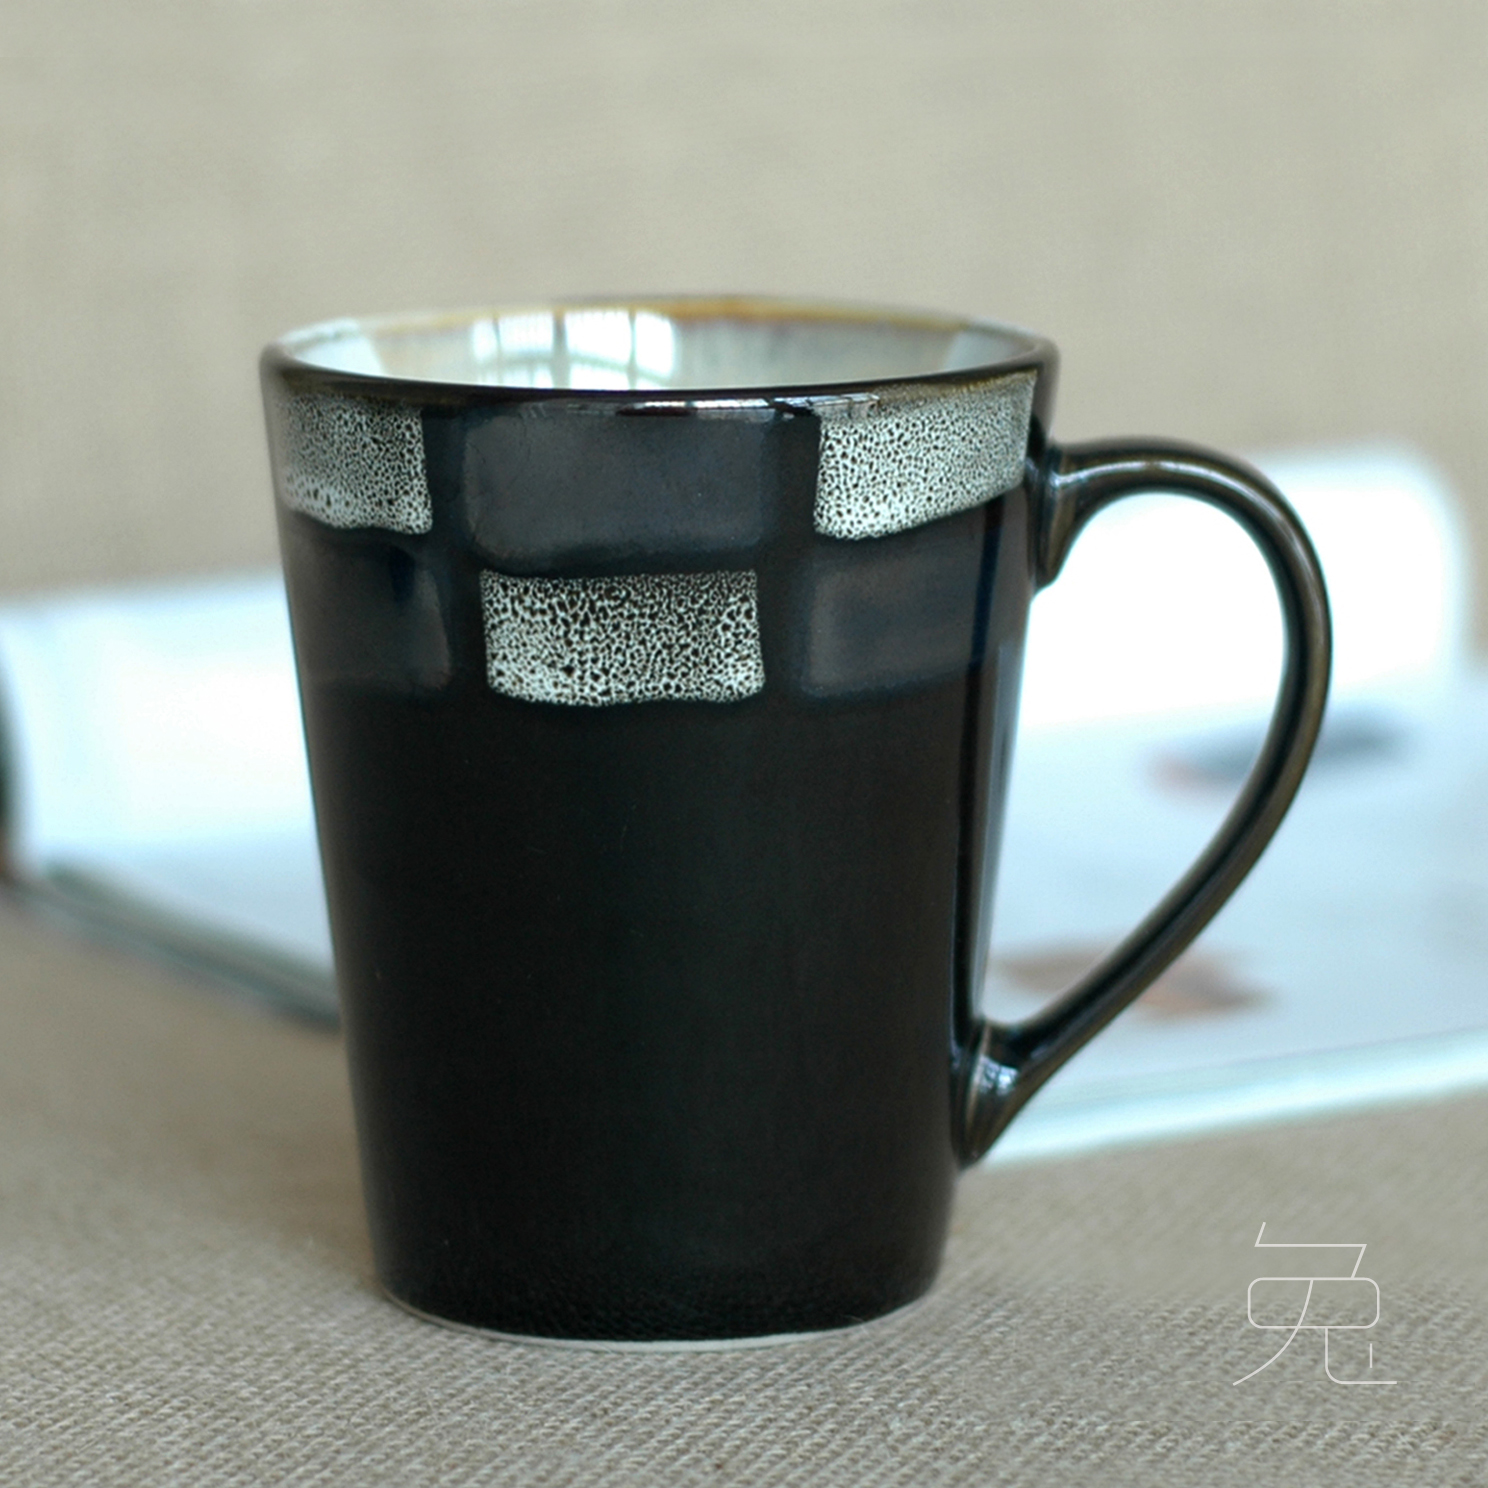 咖啡杯包邮